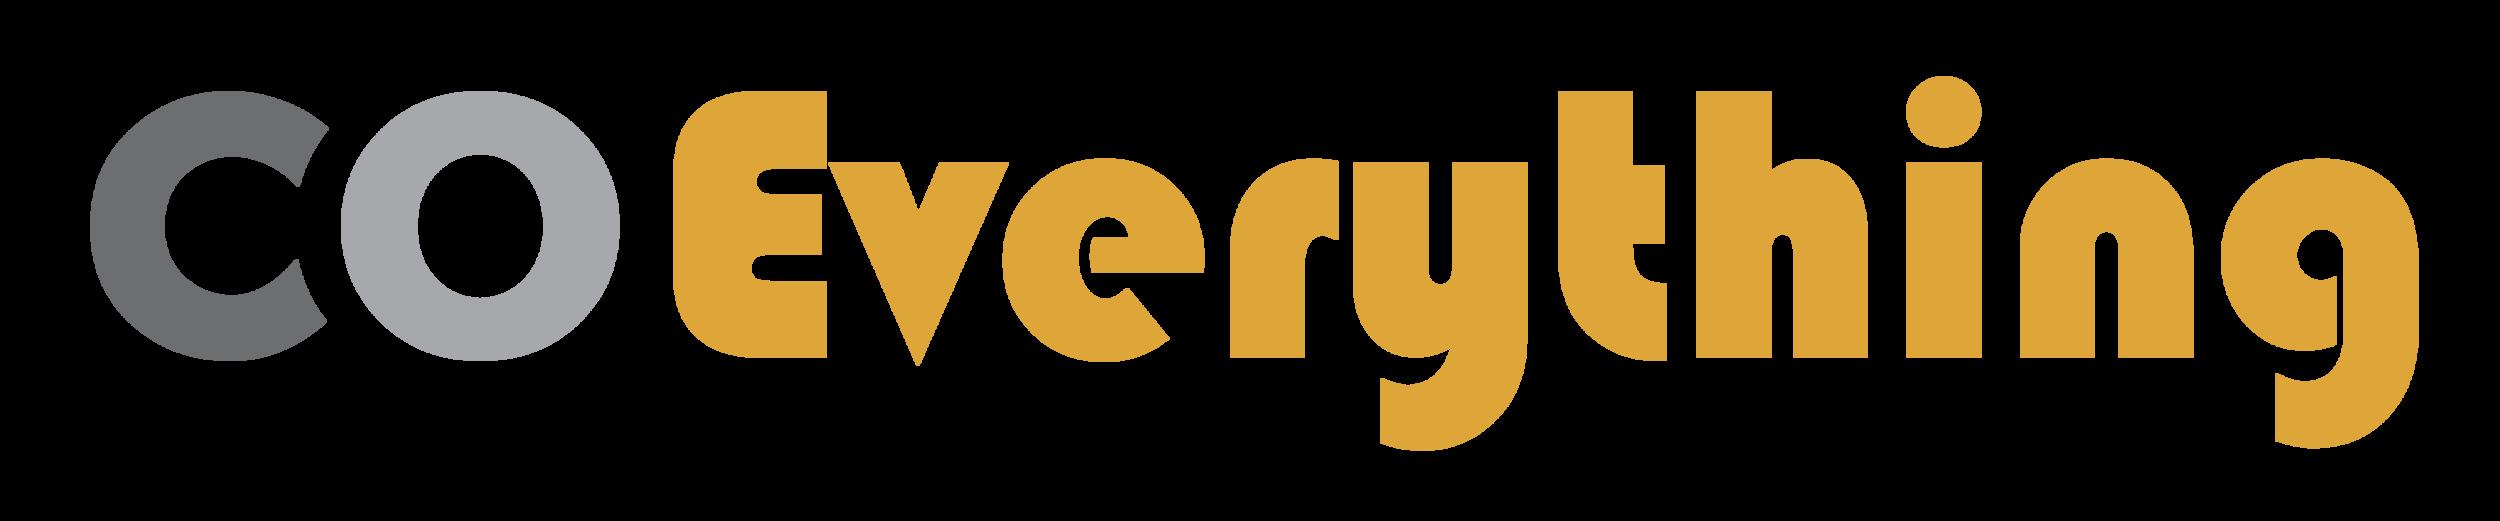 CoEverything Logo (nodash)-09_1.png